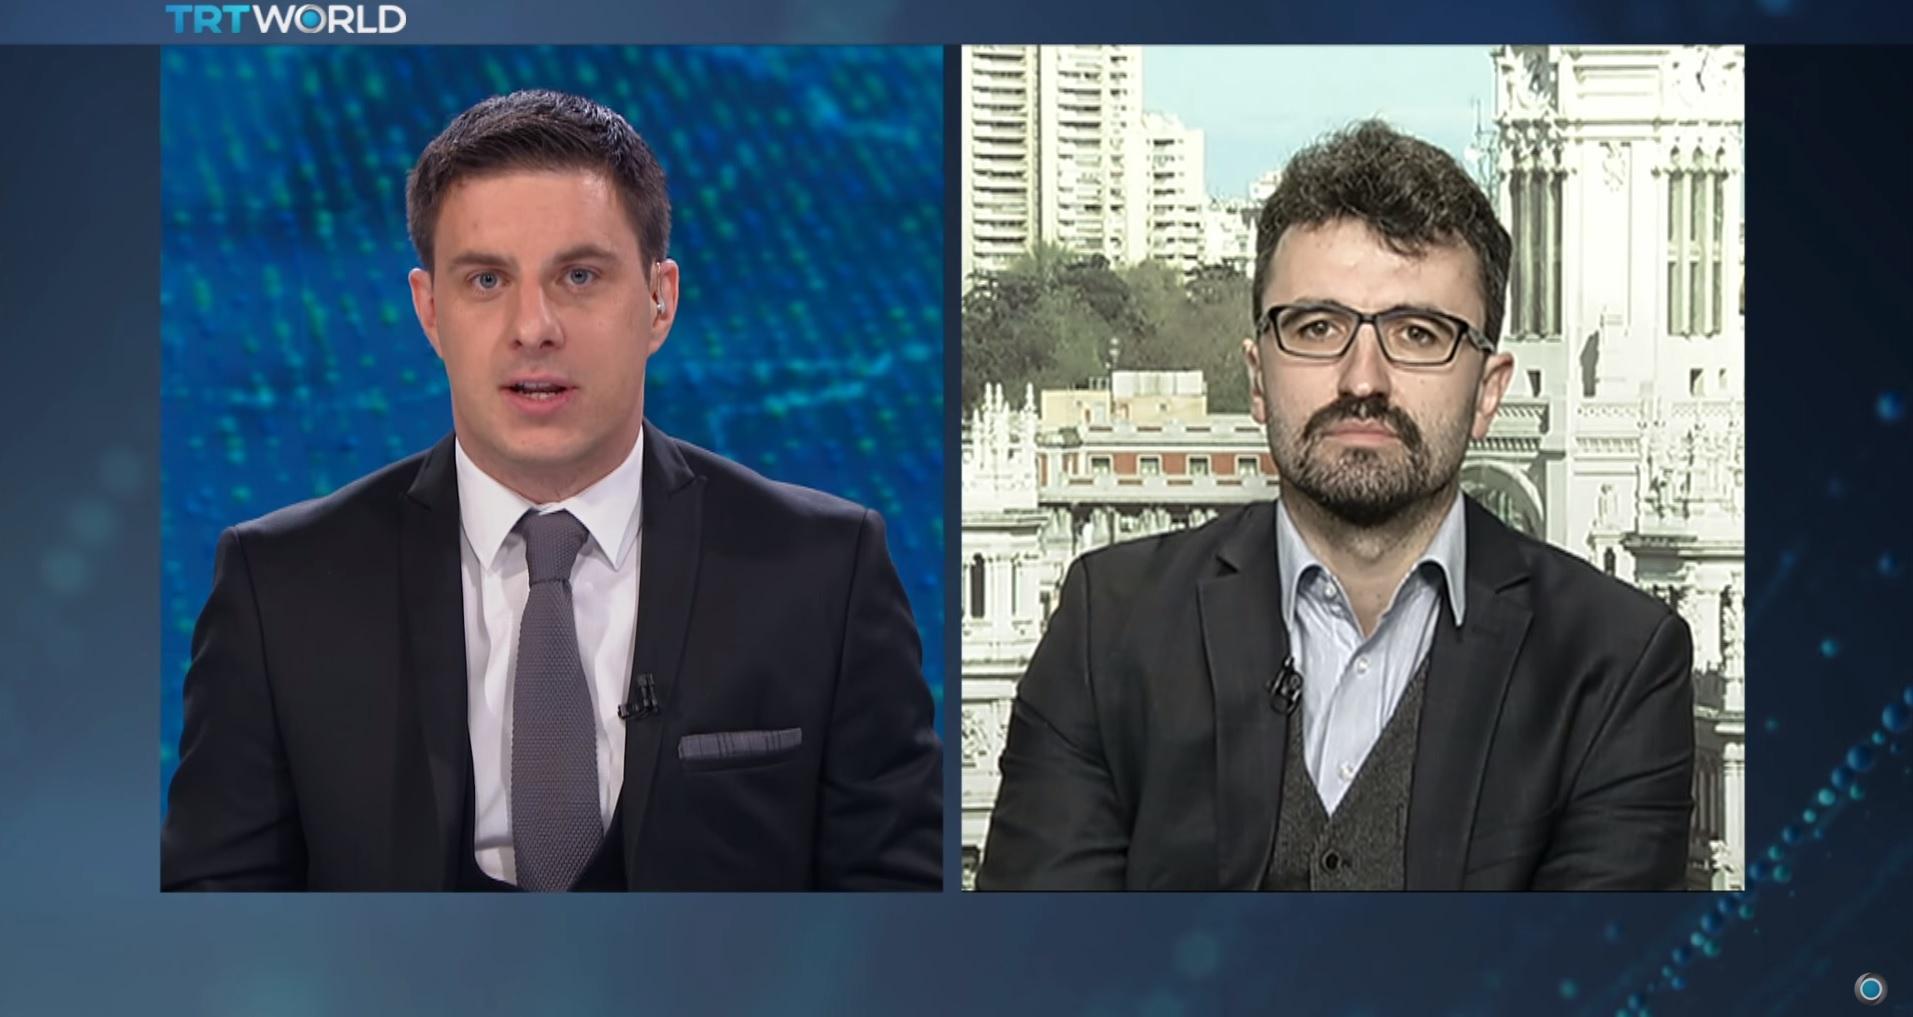 Entrevista de Francisco de Borja Lasheras sobre el estancamiento político en España